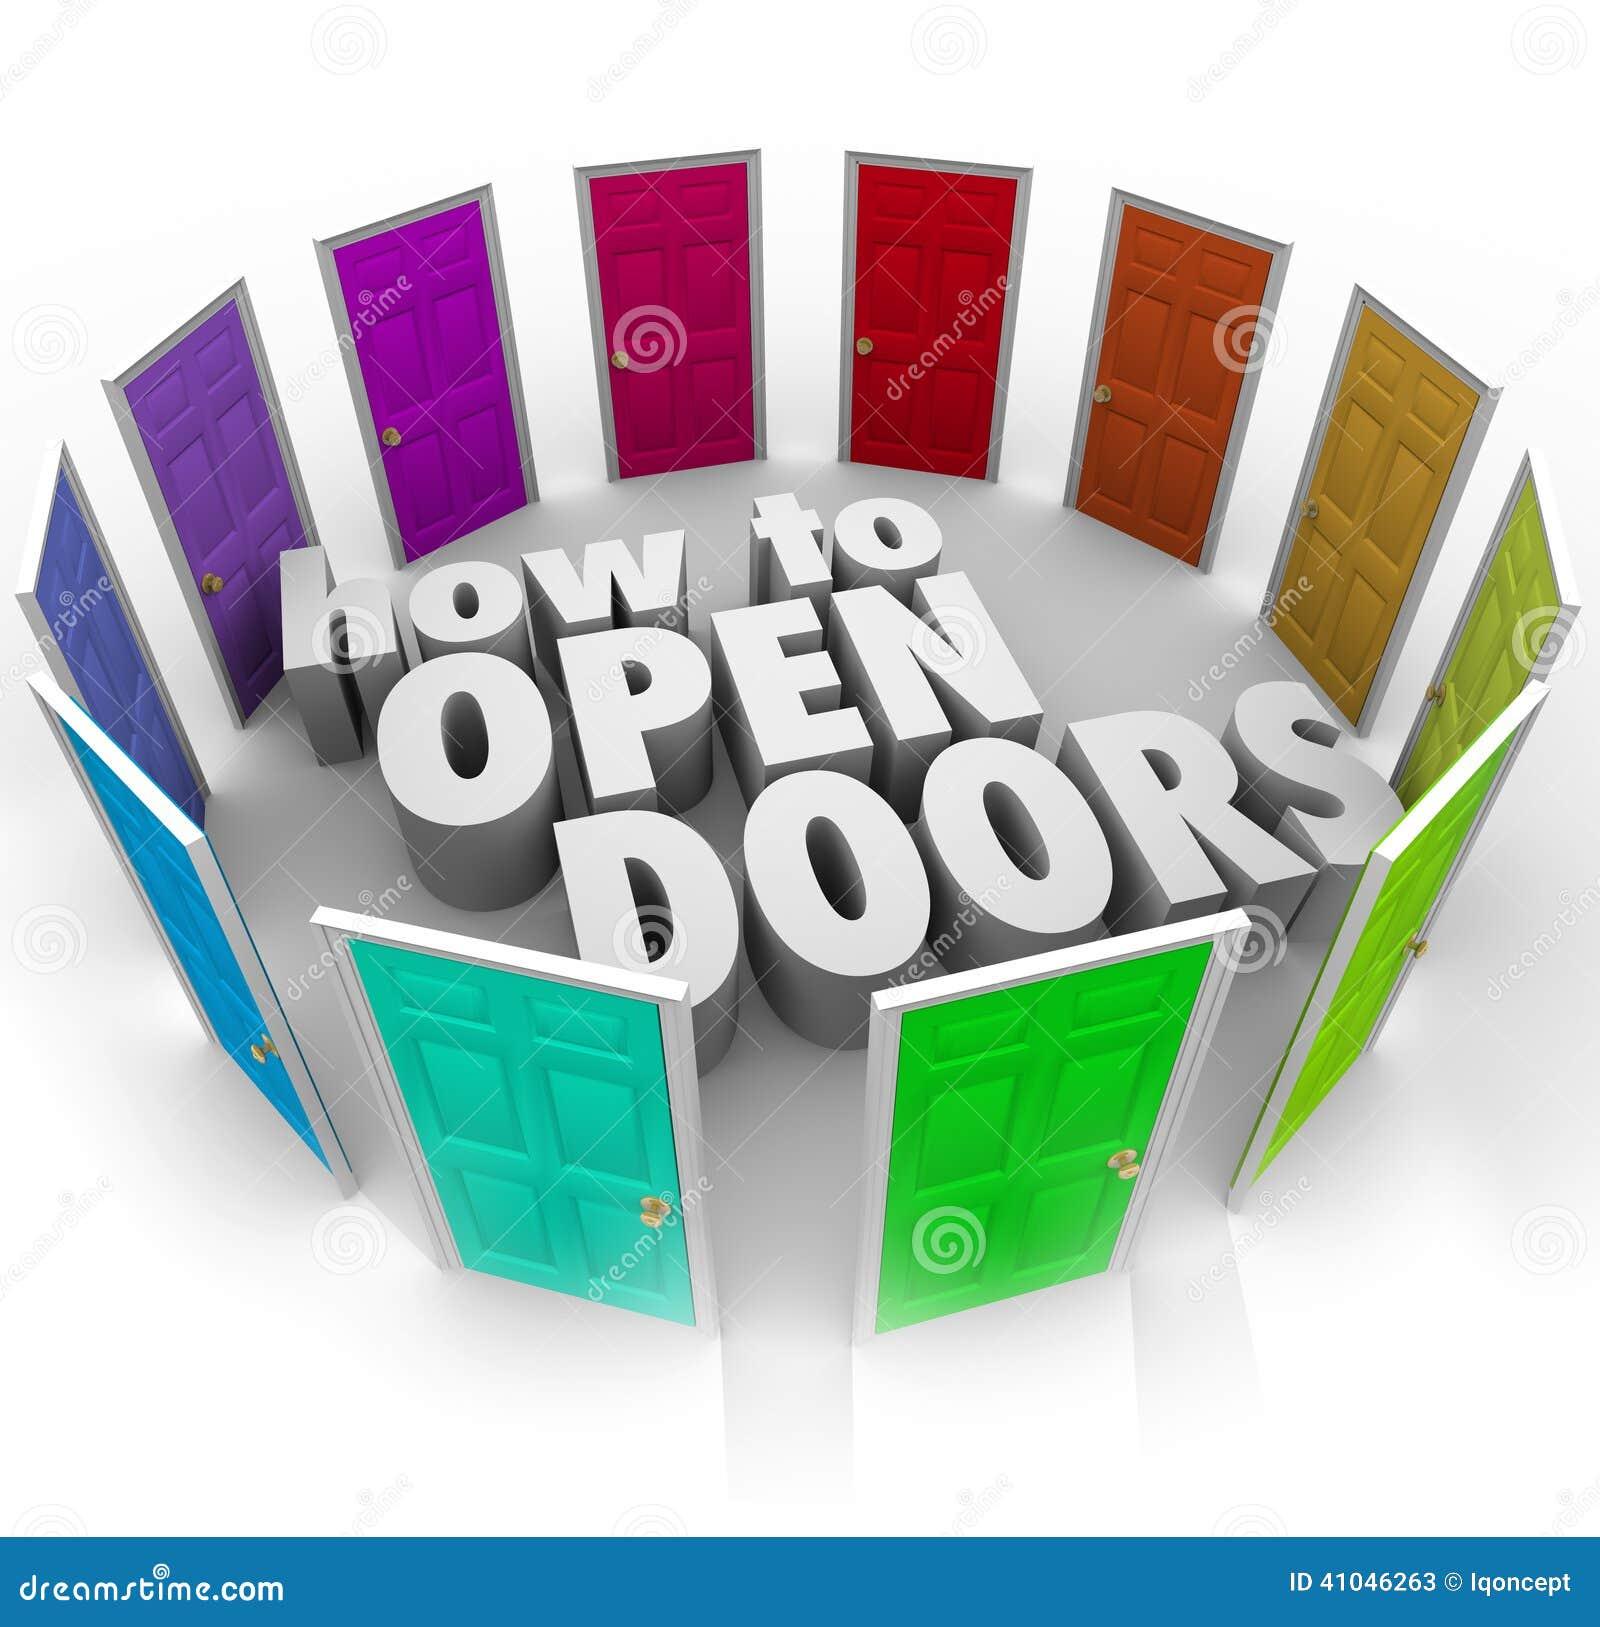 Как к путям доступа входа возможности слов открыть дверей новым